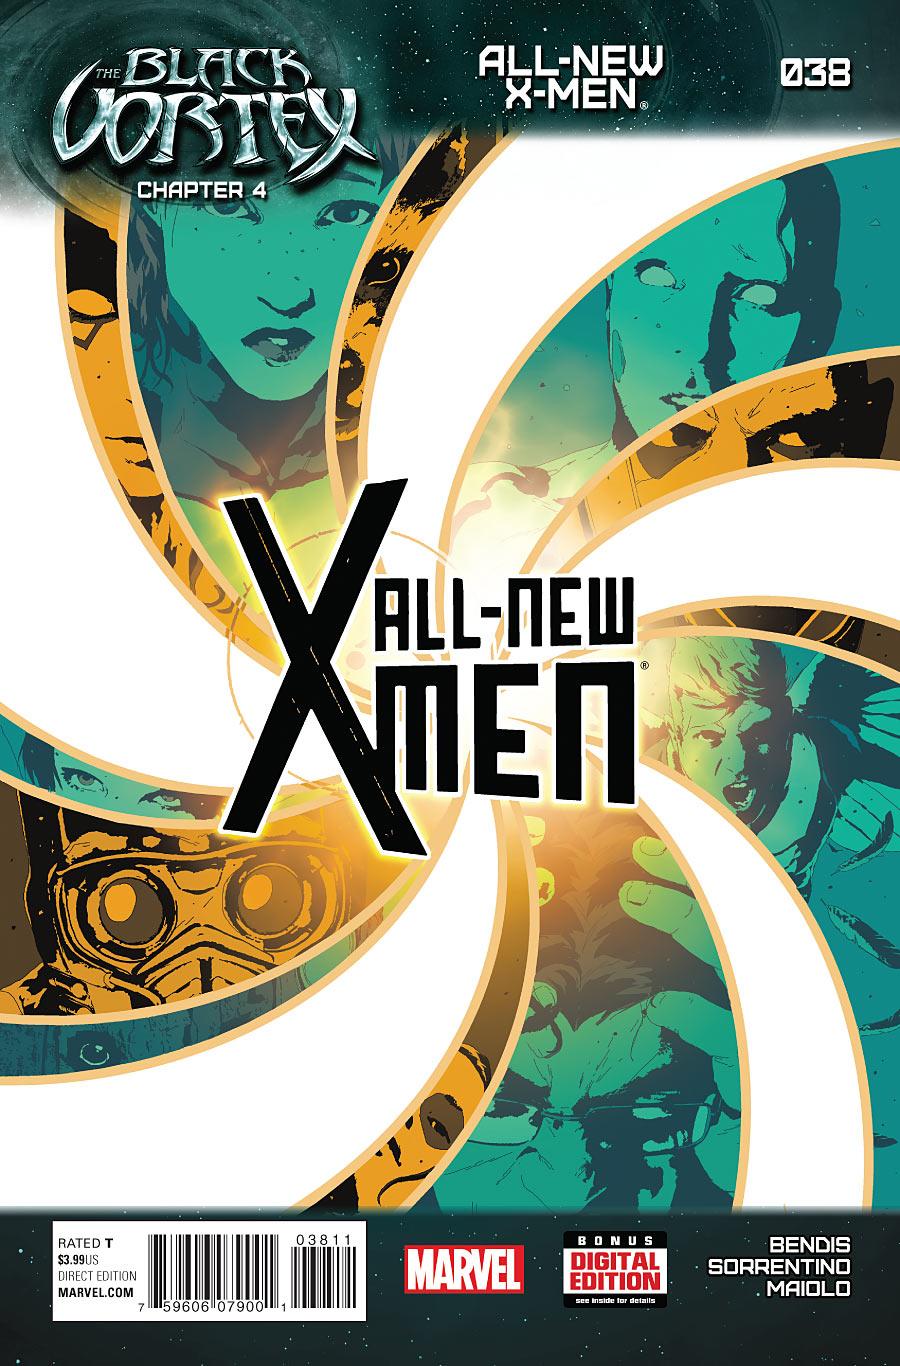 All-New X-Men #38